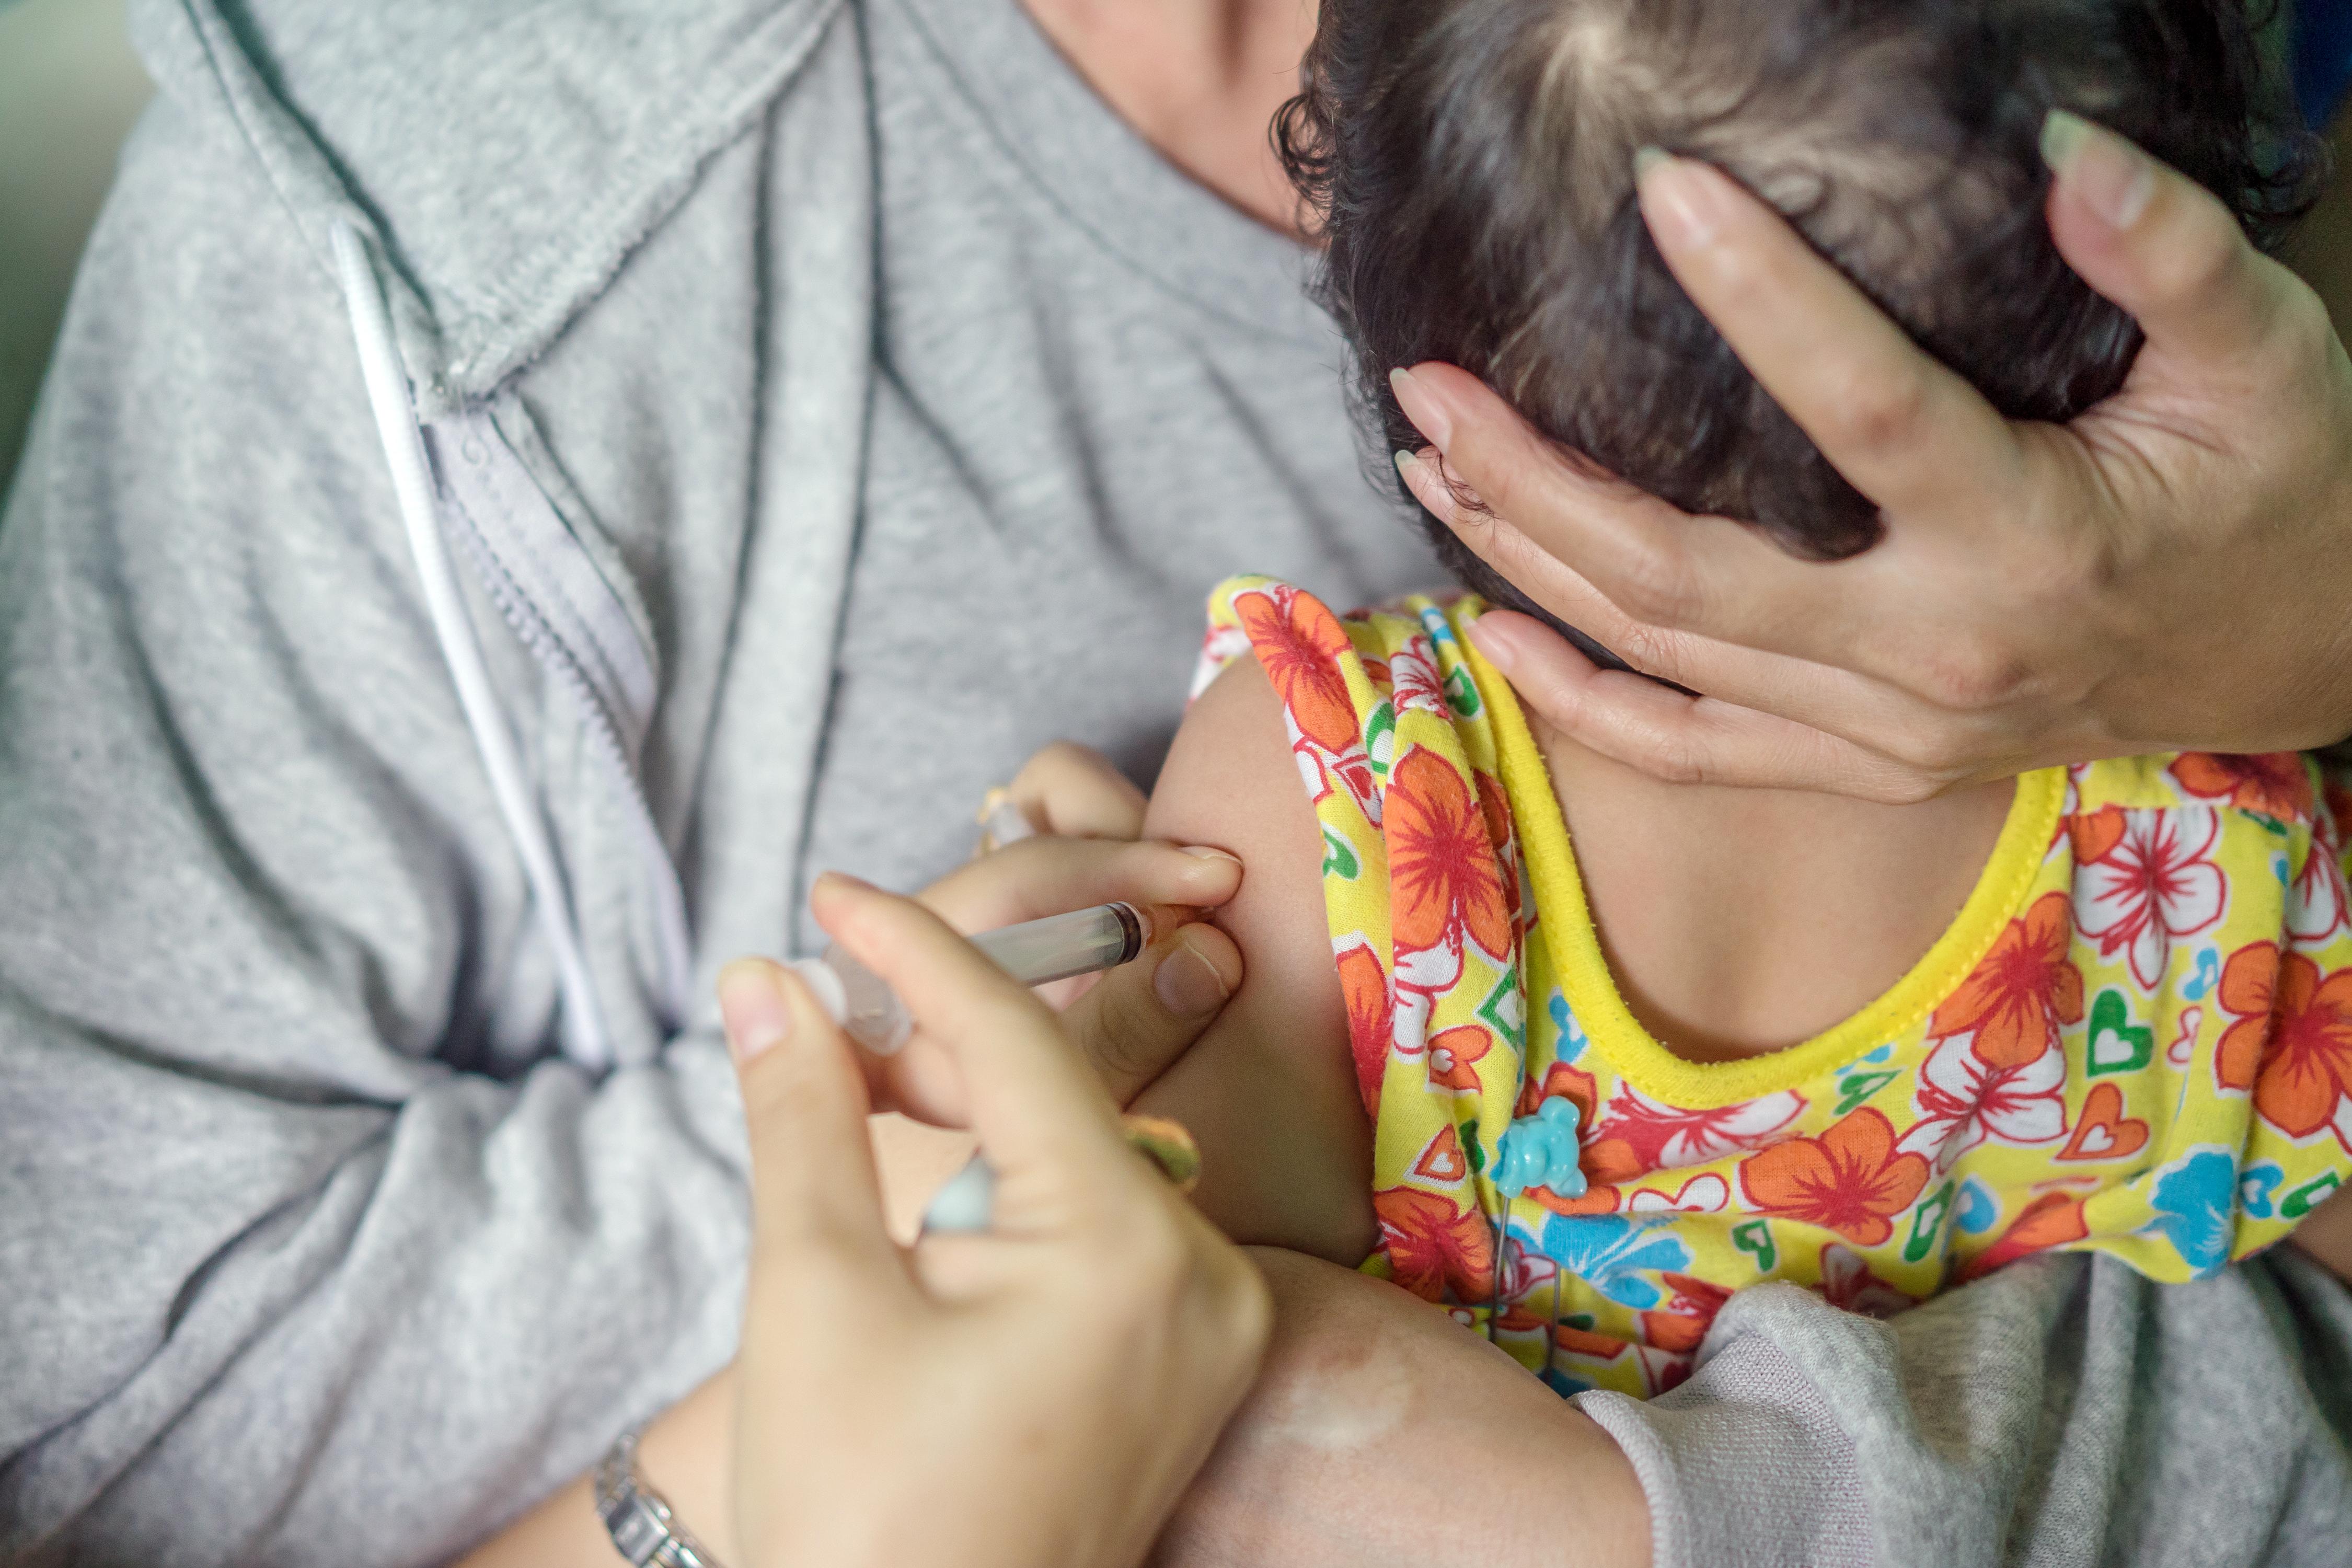 Italien är nu bara ett av många länder som beslutat om att införa obligatoriska vaccinationer för barn.